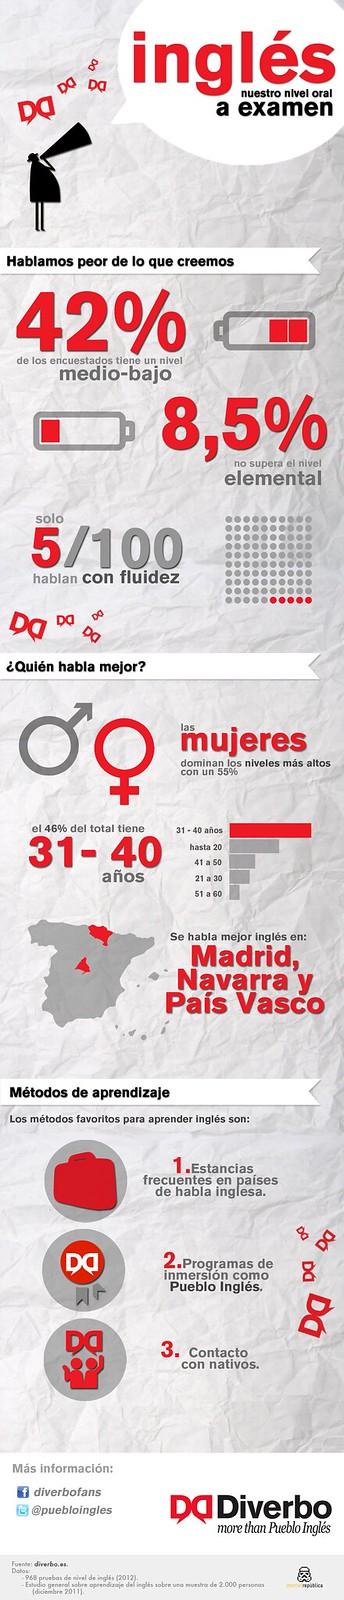 Infografía de Diverbo